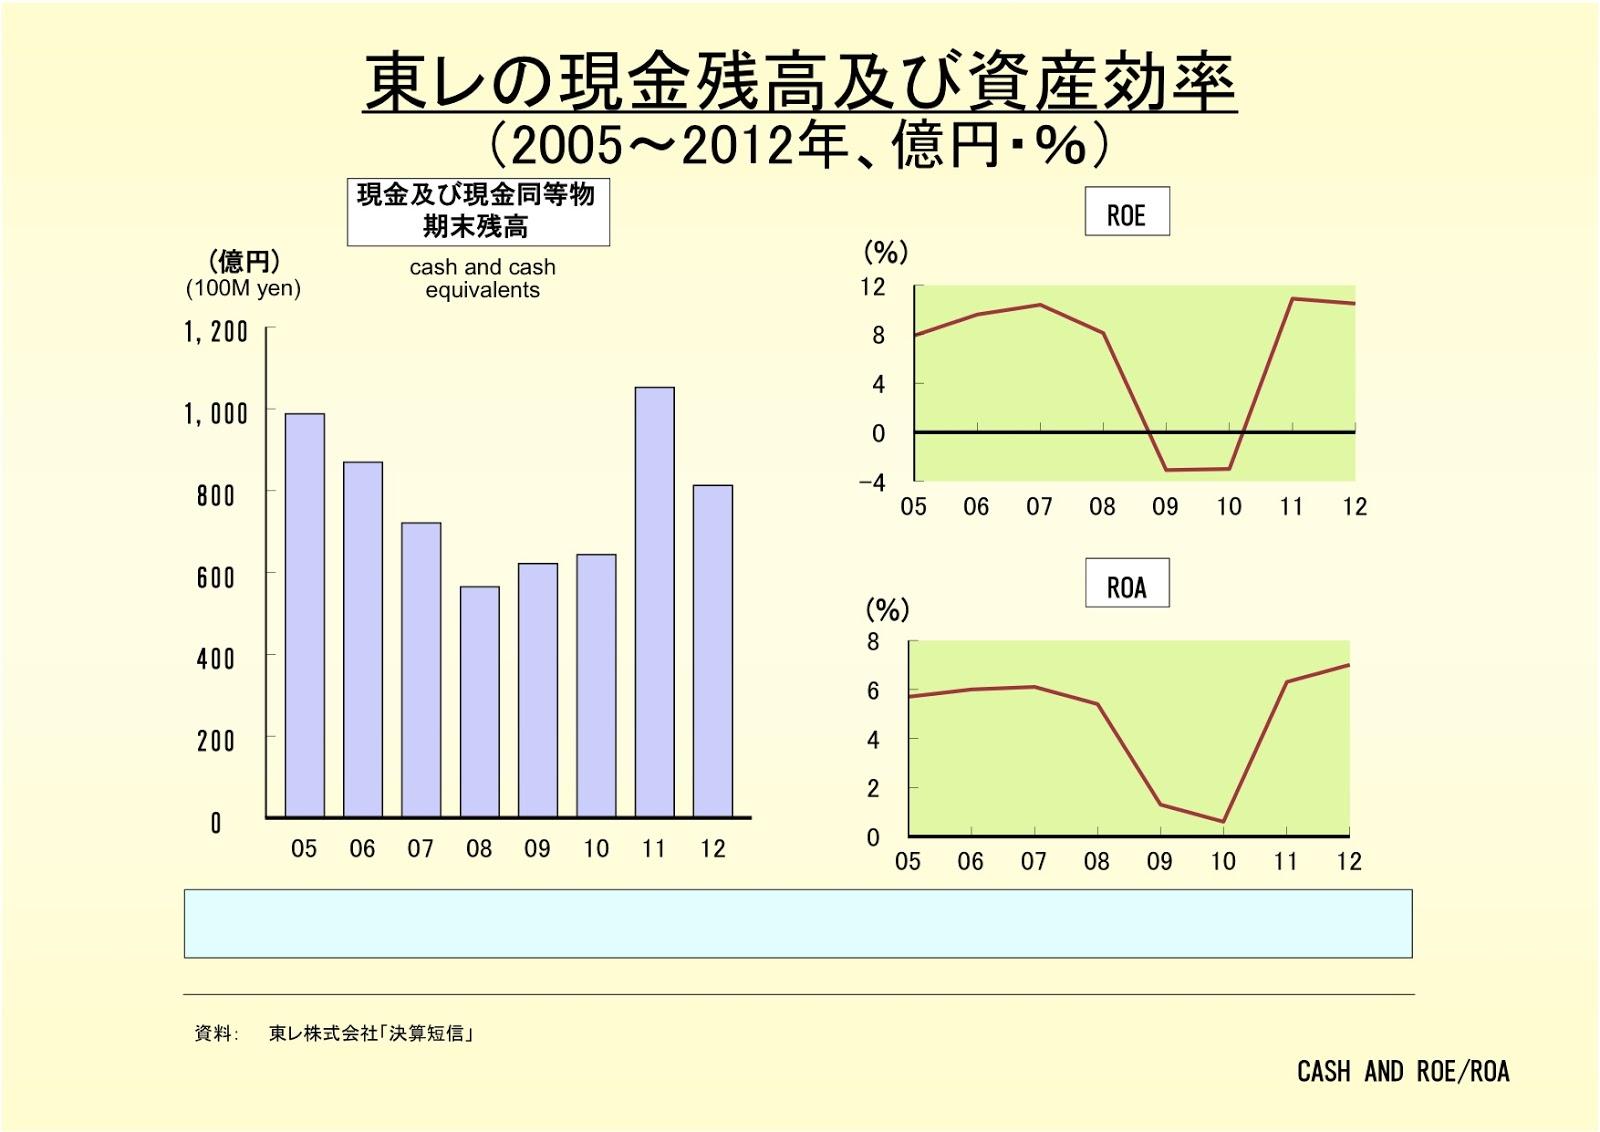 東レ株式会社の現金残高及び資産効率